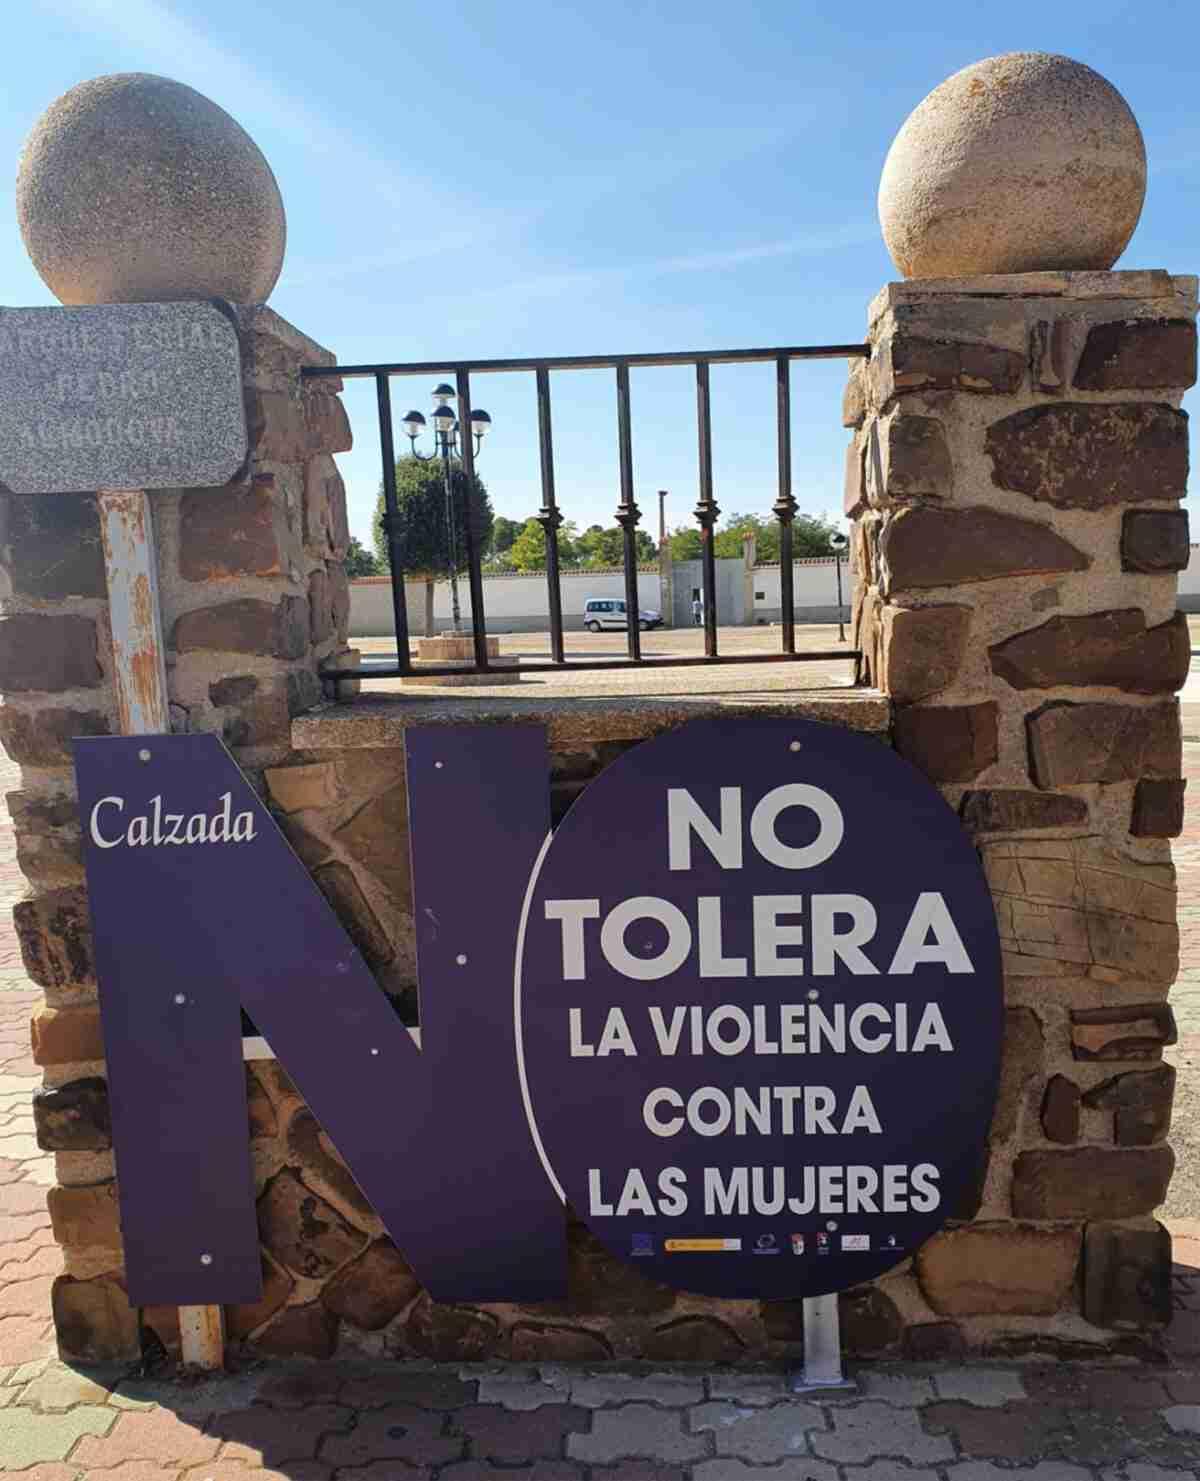 """Colocan """"señales de tráfico"""" contra violencia de género en Calzada de Calatrava 6"""